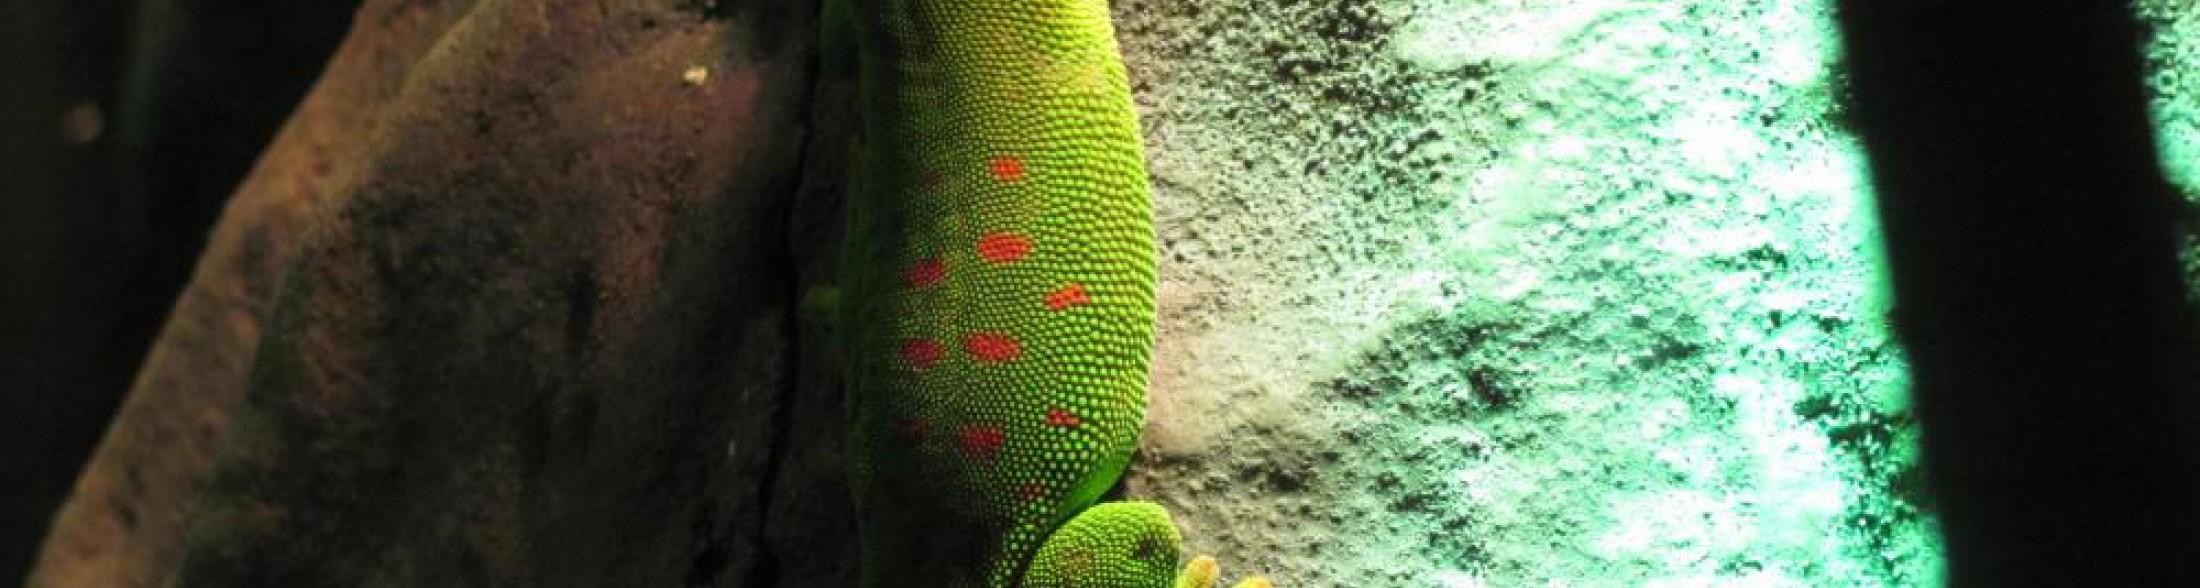 geco diurno